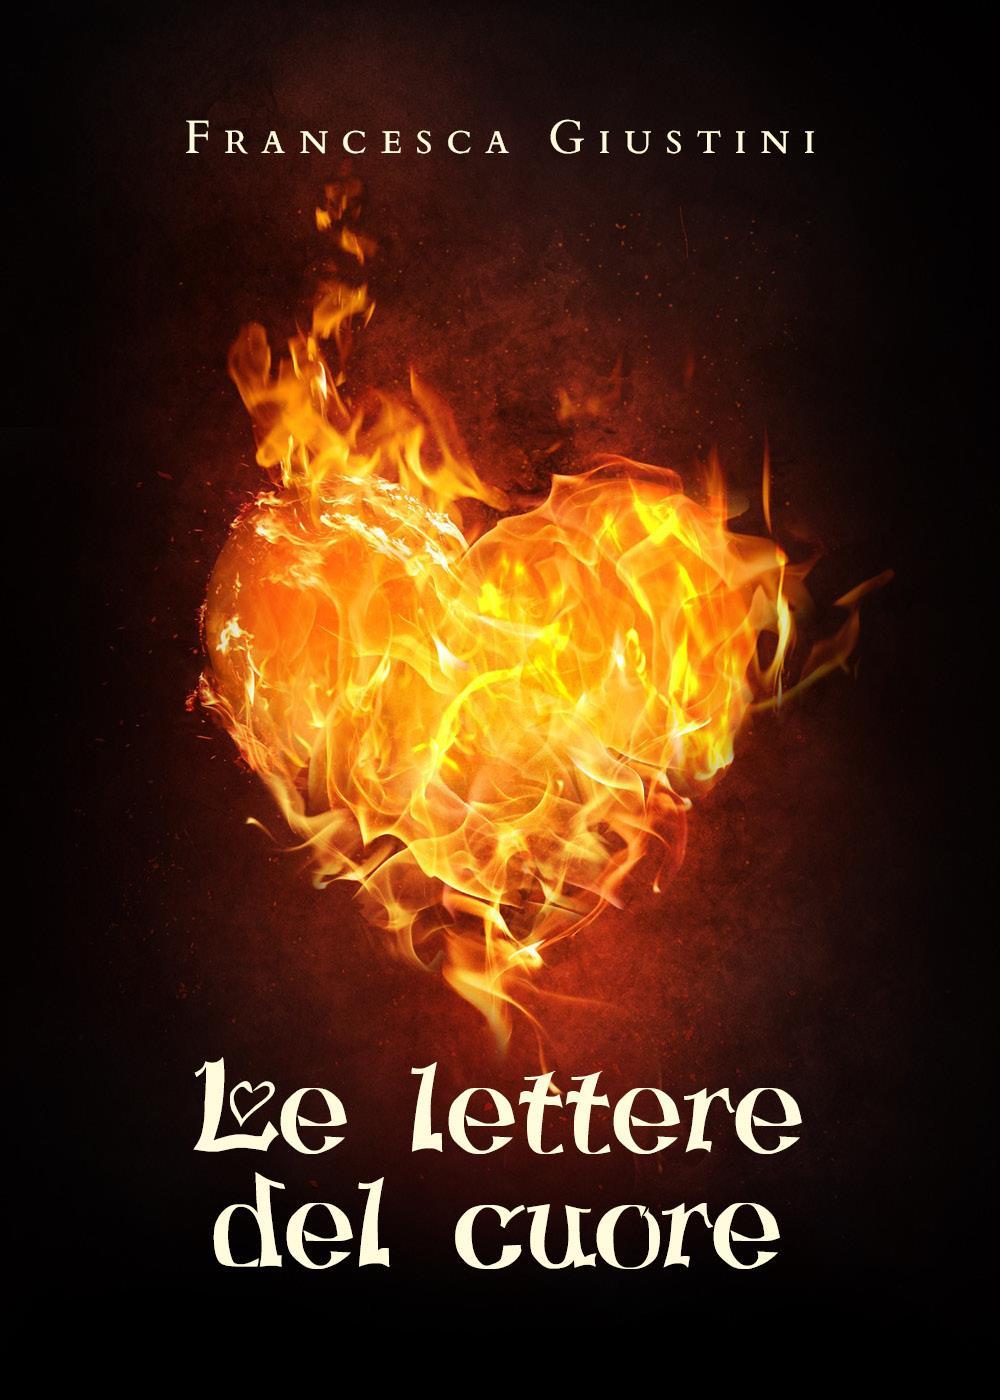 Le lettere del cuore